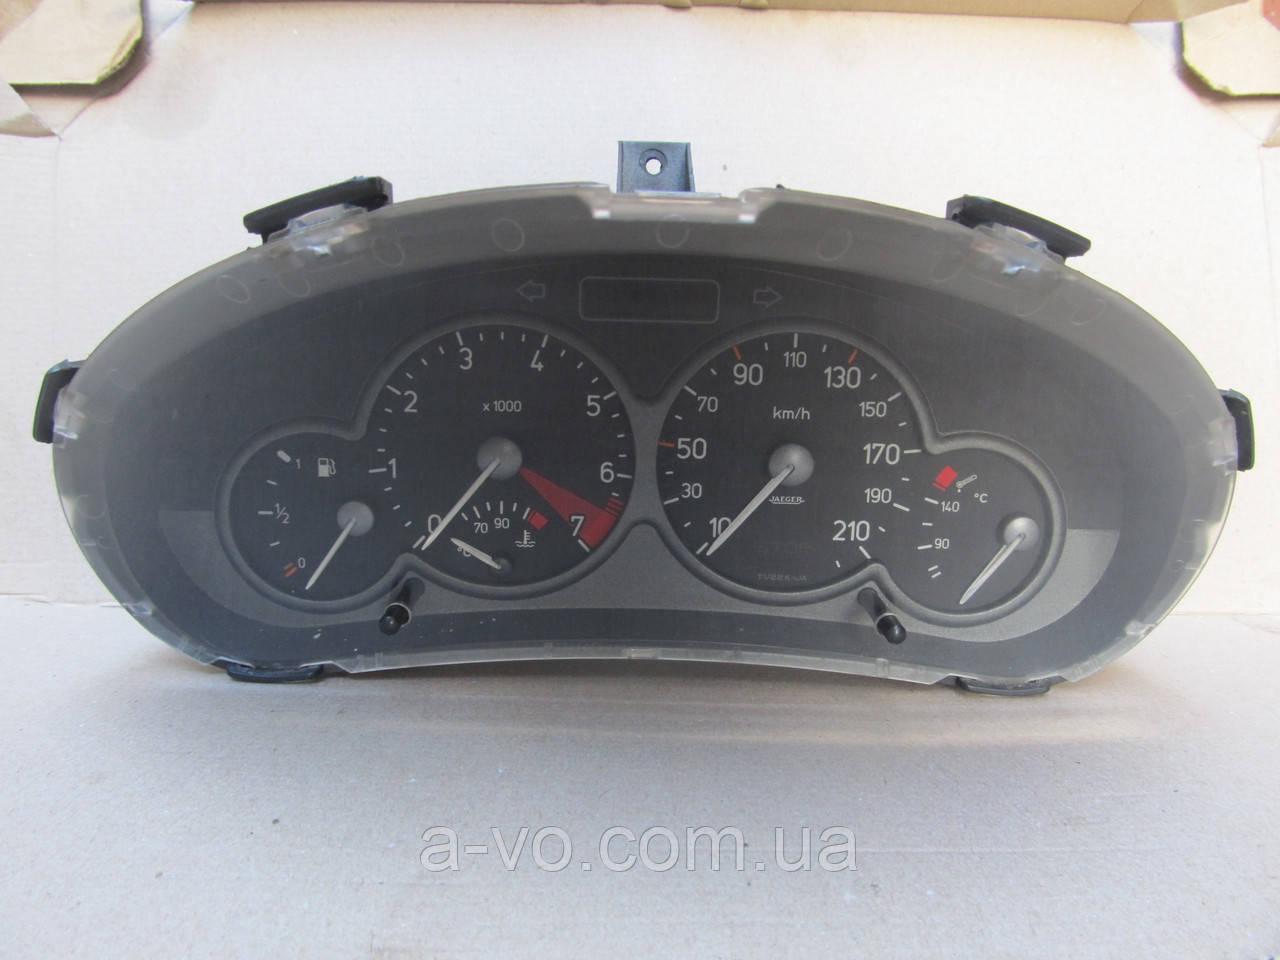 Панель приборов спидометр для Citroen Berlingo 1 2 Peugeot 206 Partner 1 2 1.4 1.6 2.0HDi, 9645847180